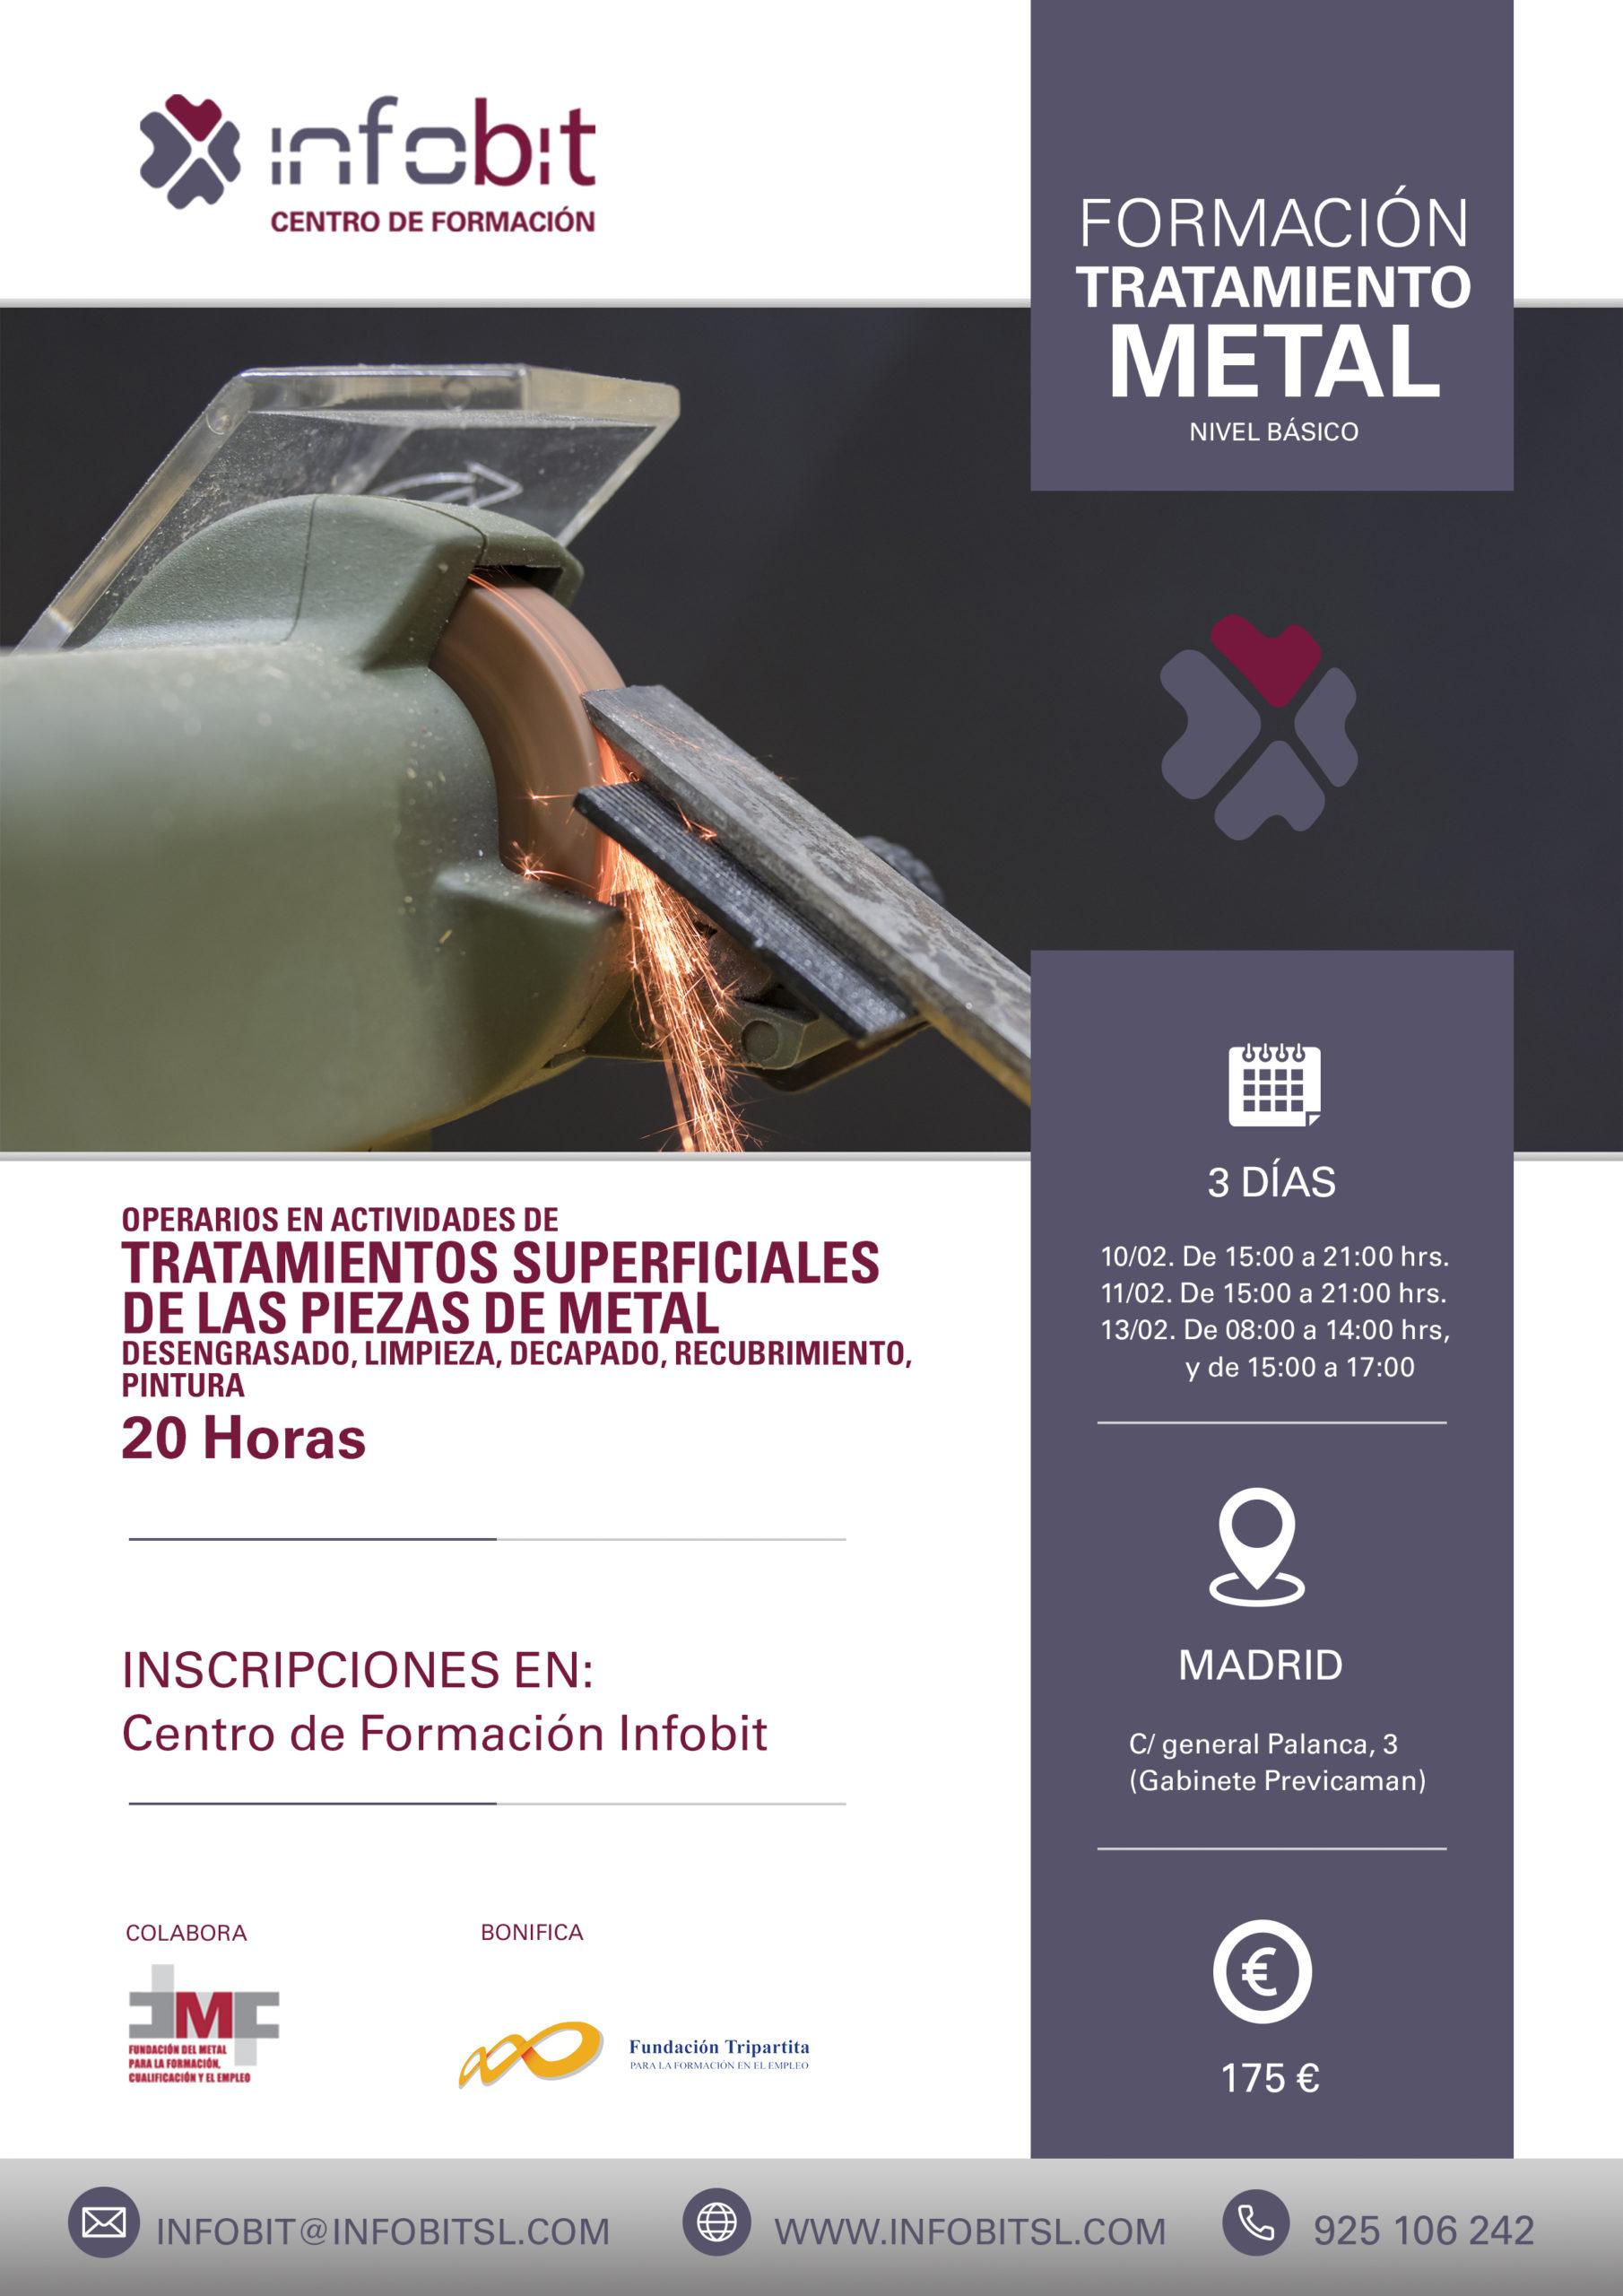 Tratamiento De Piezas De Metal. Chapa Y Pintura